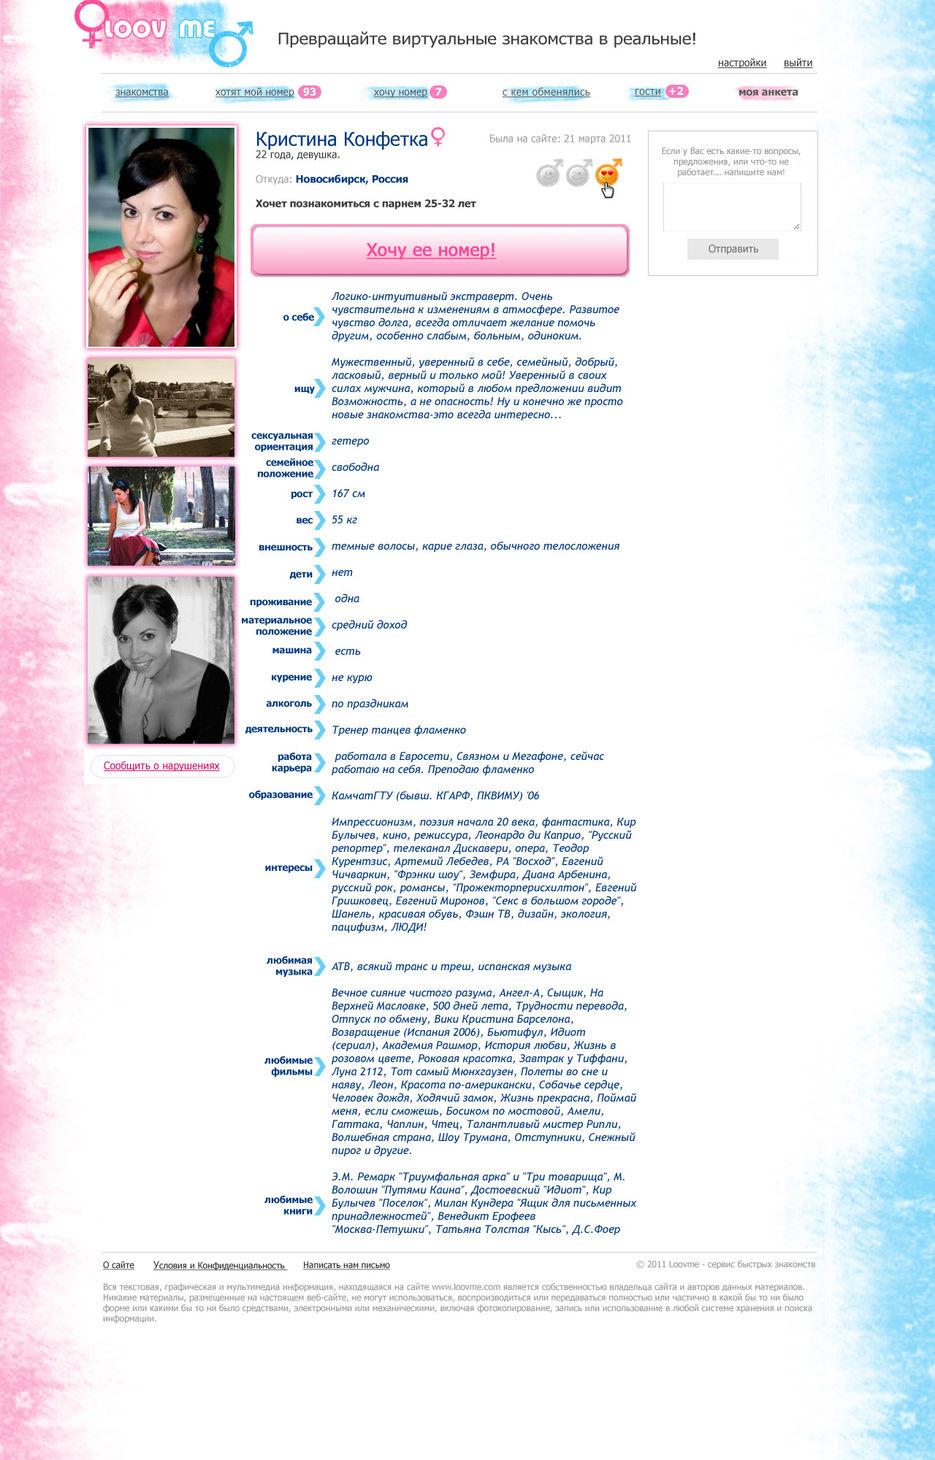 Интересный Дневник На Сайте Знакомств